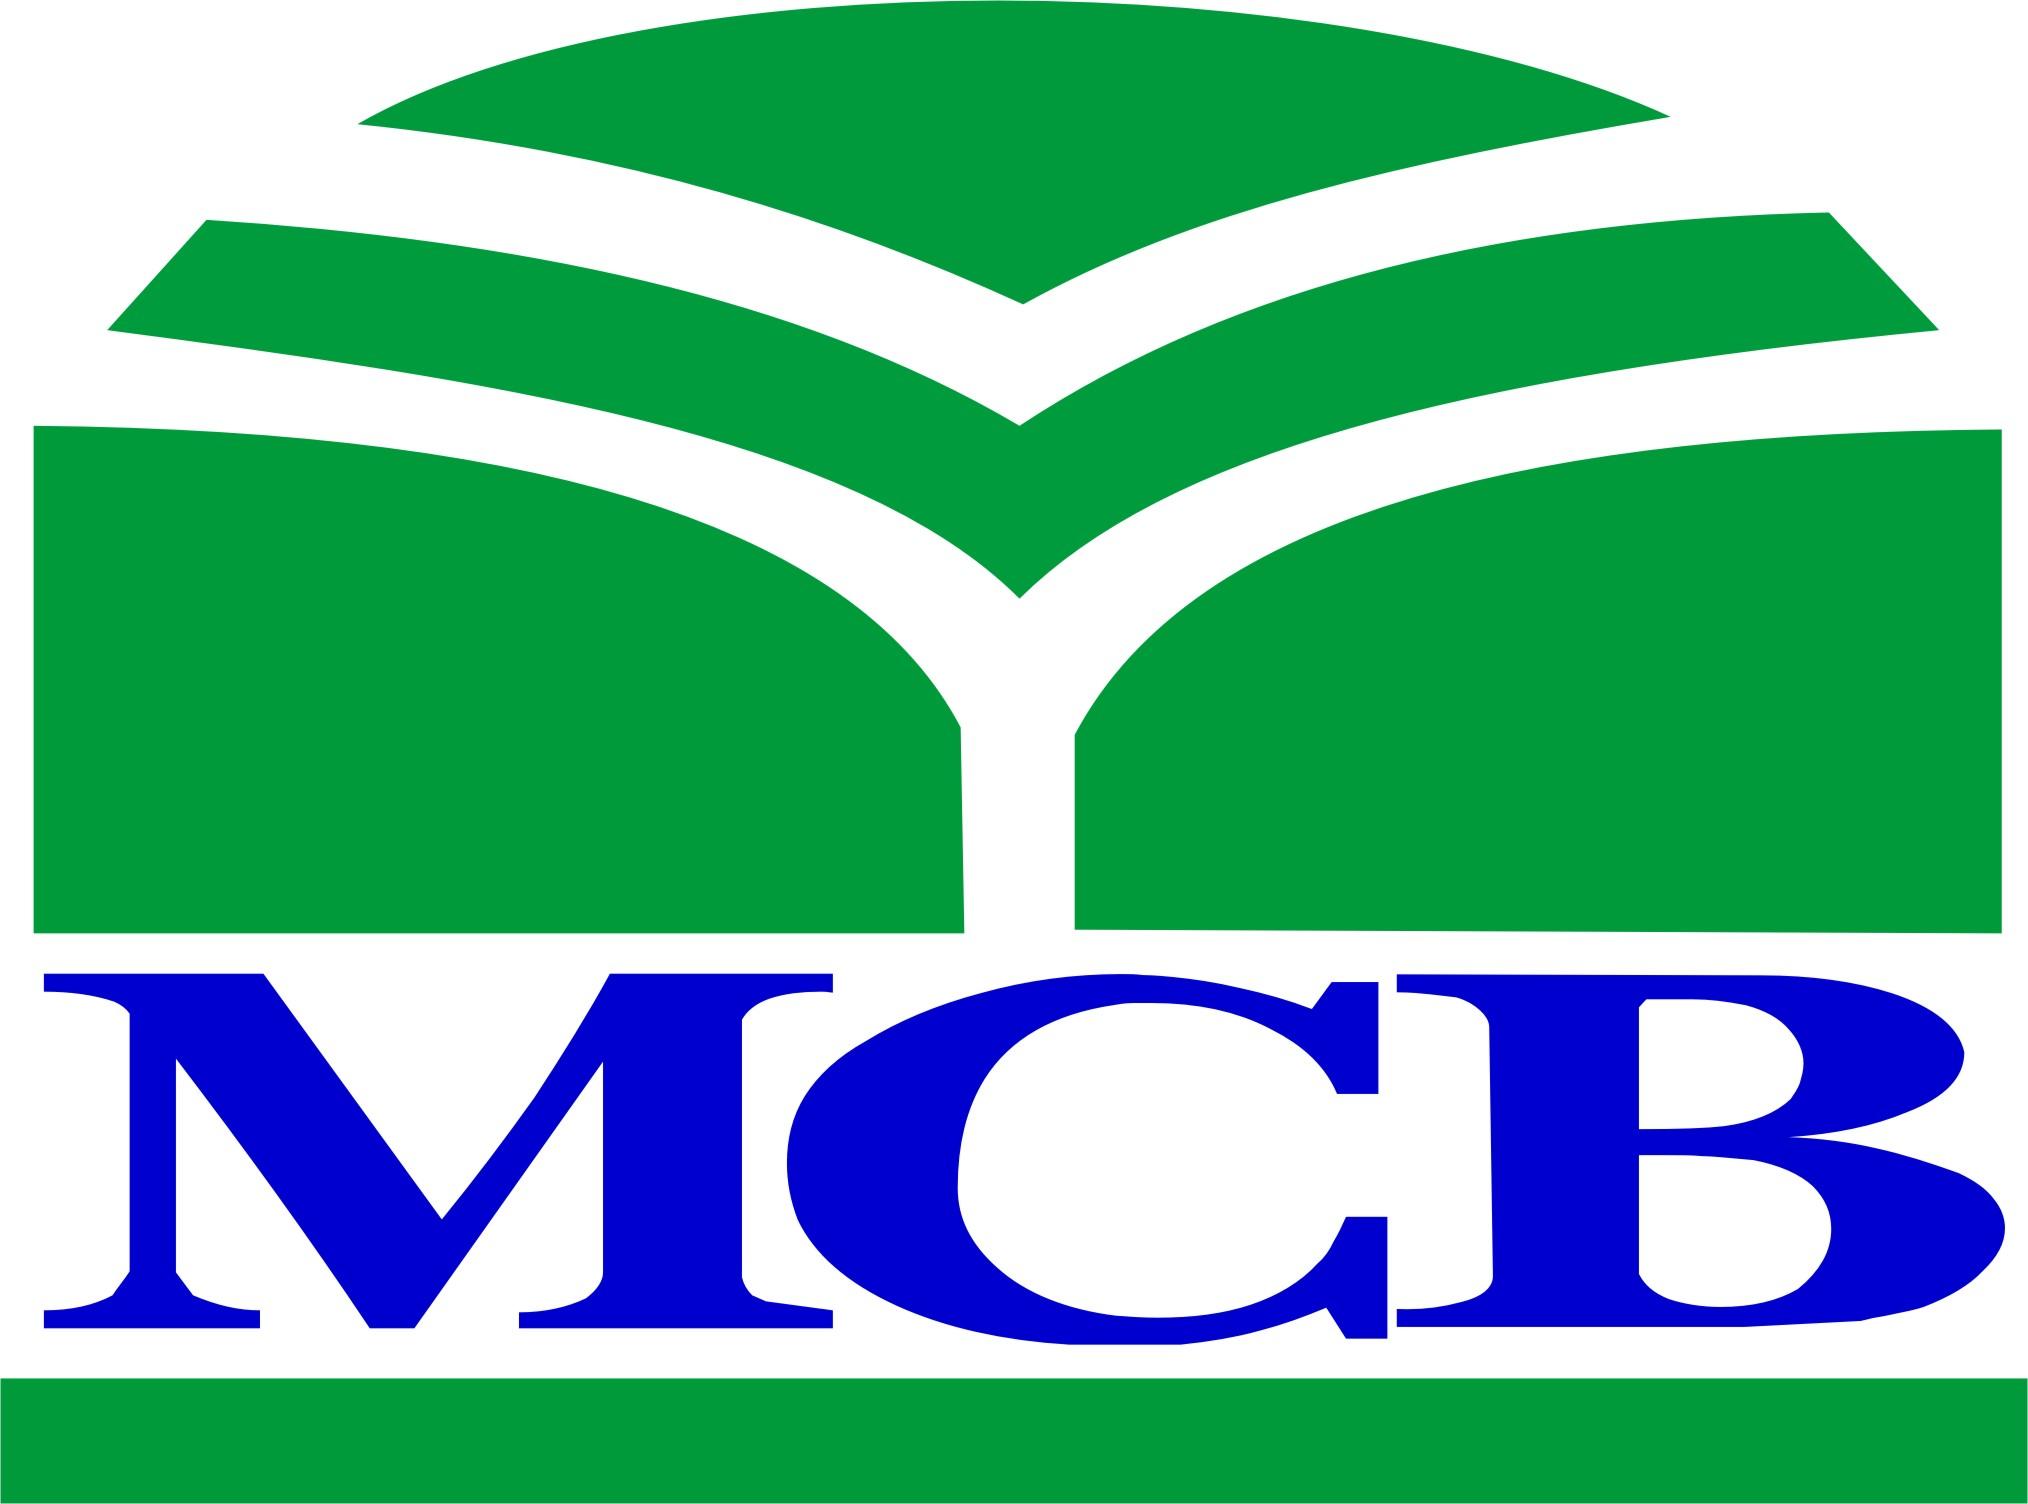 mcb bank